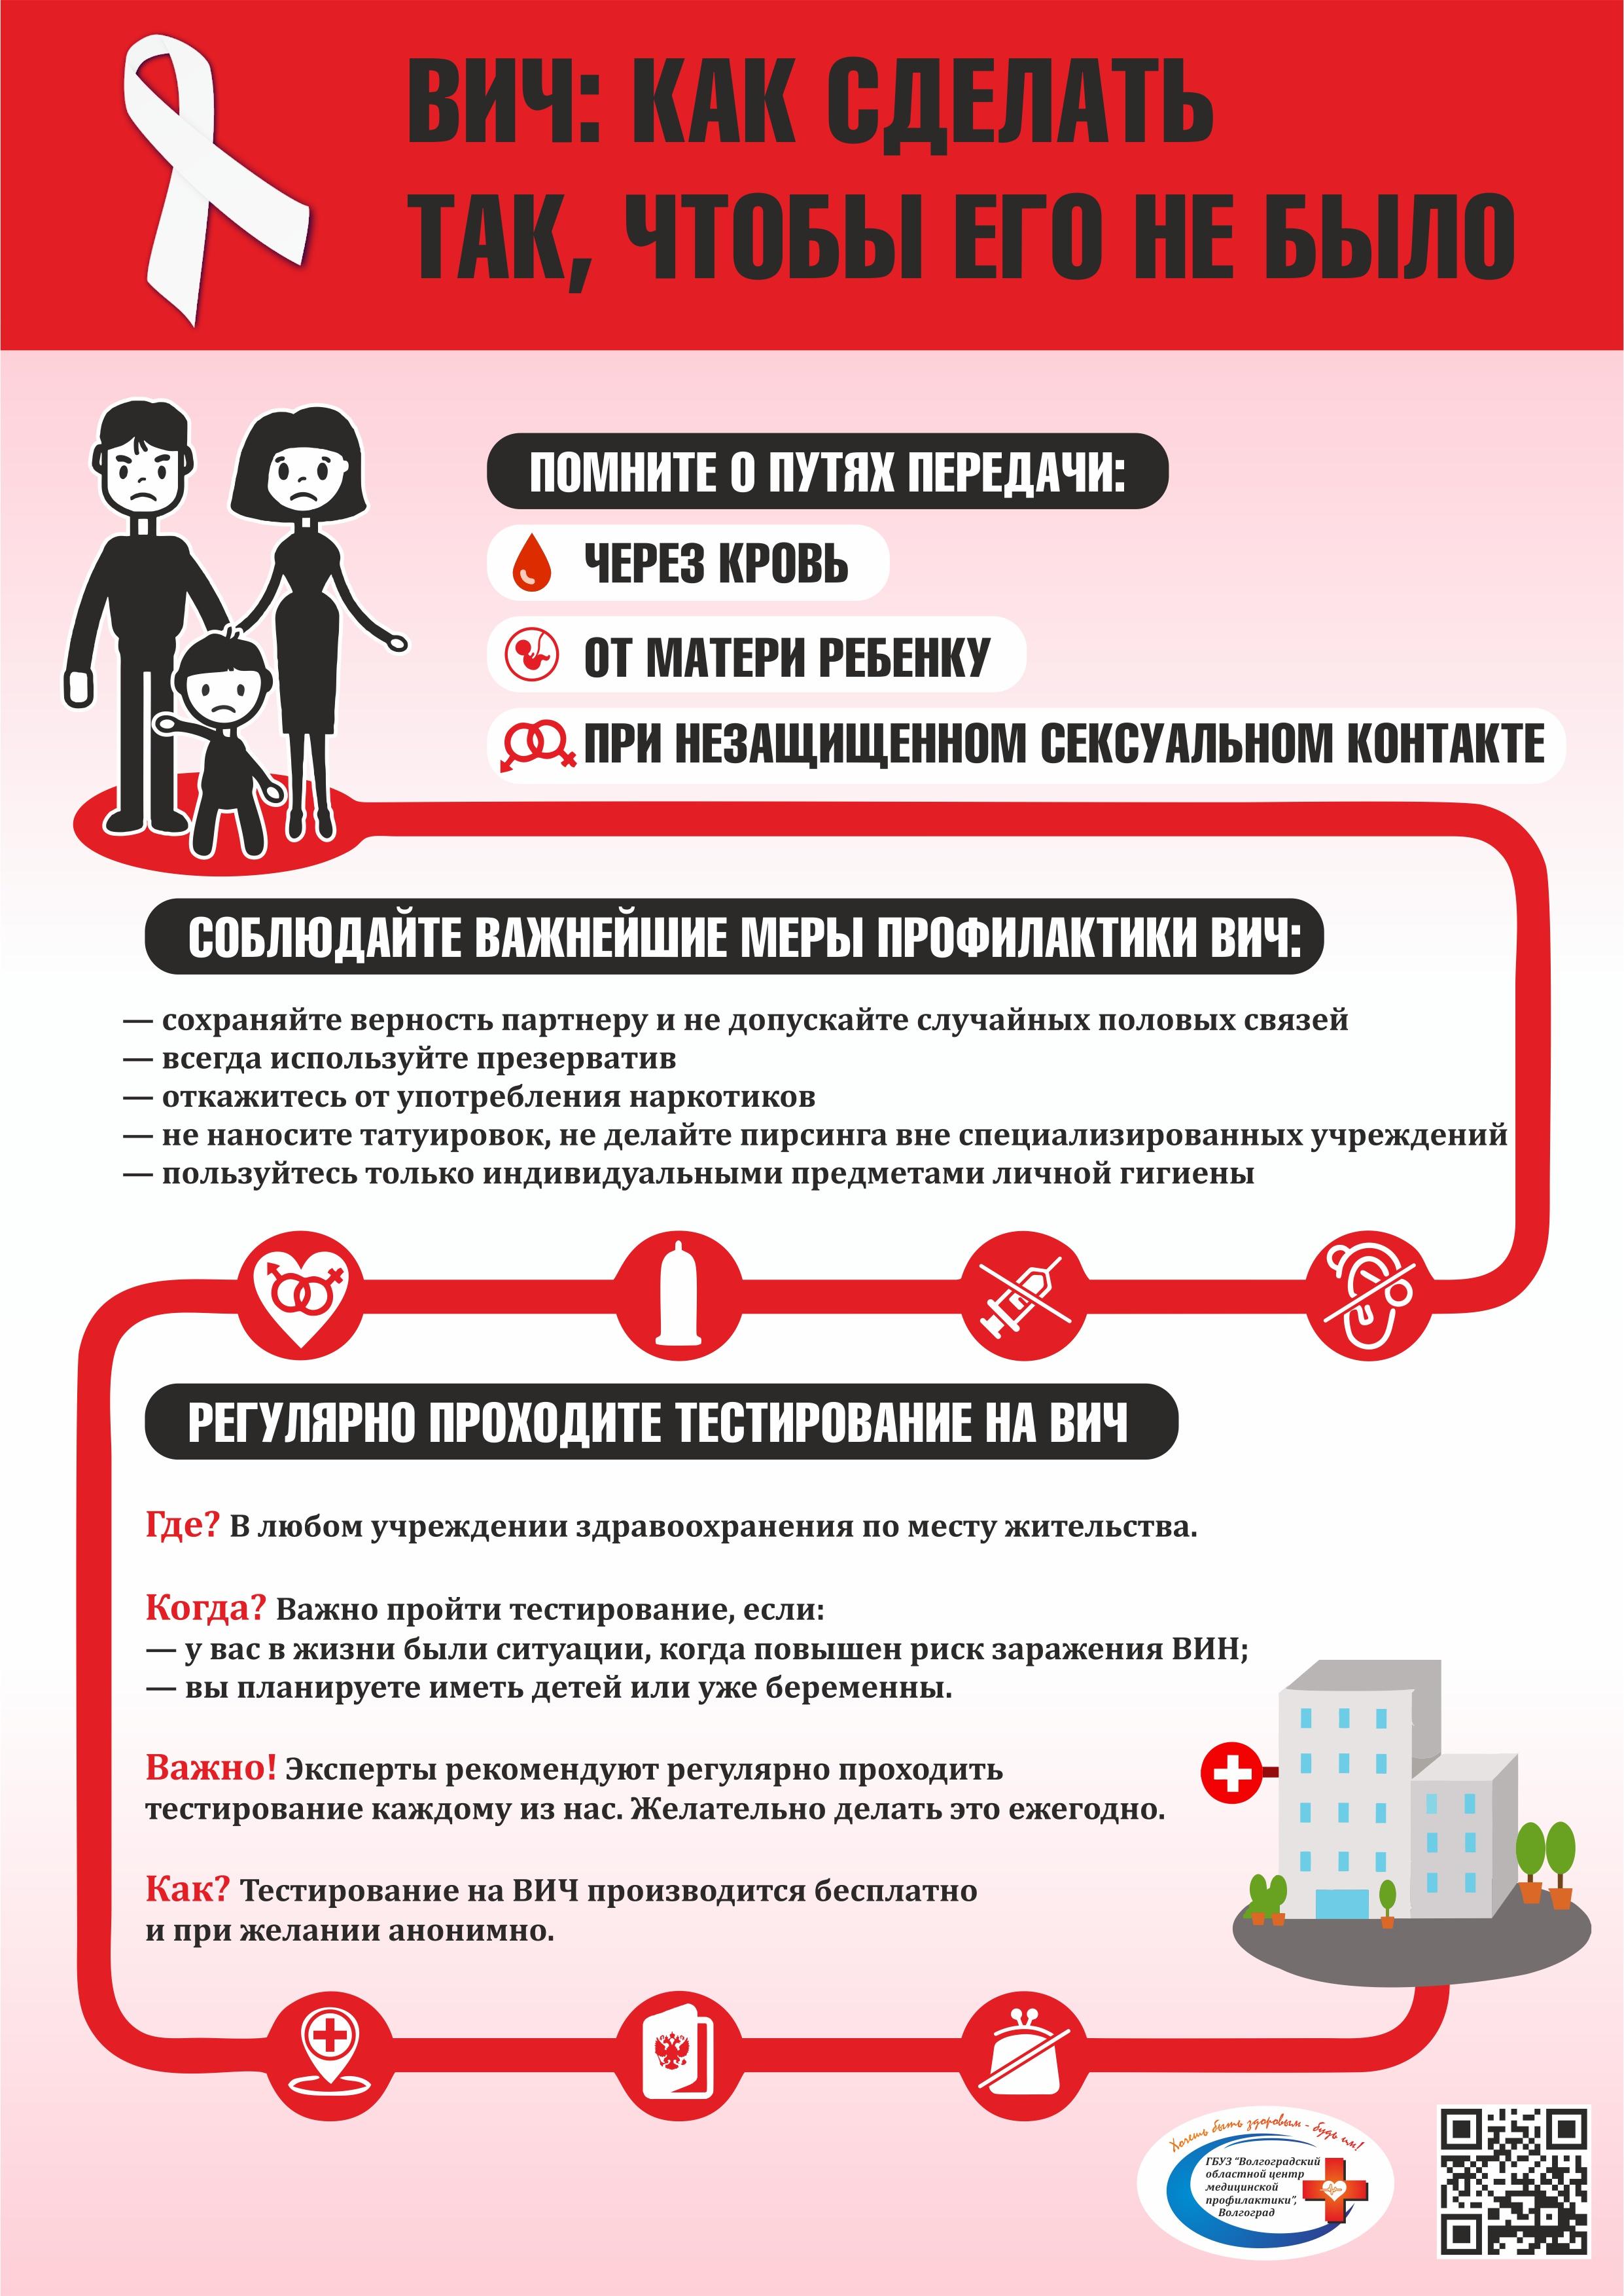 Болезнь спид: причины, стадии развития, пути передачи, лечение и профилактика - sammedic.ru